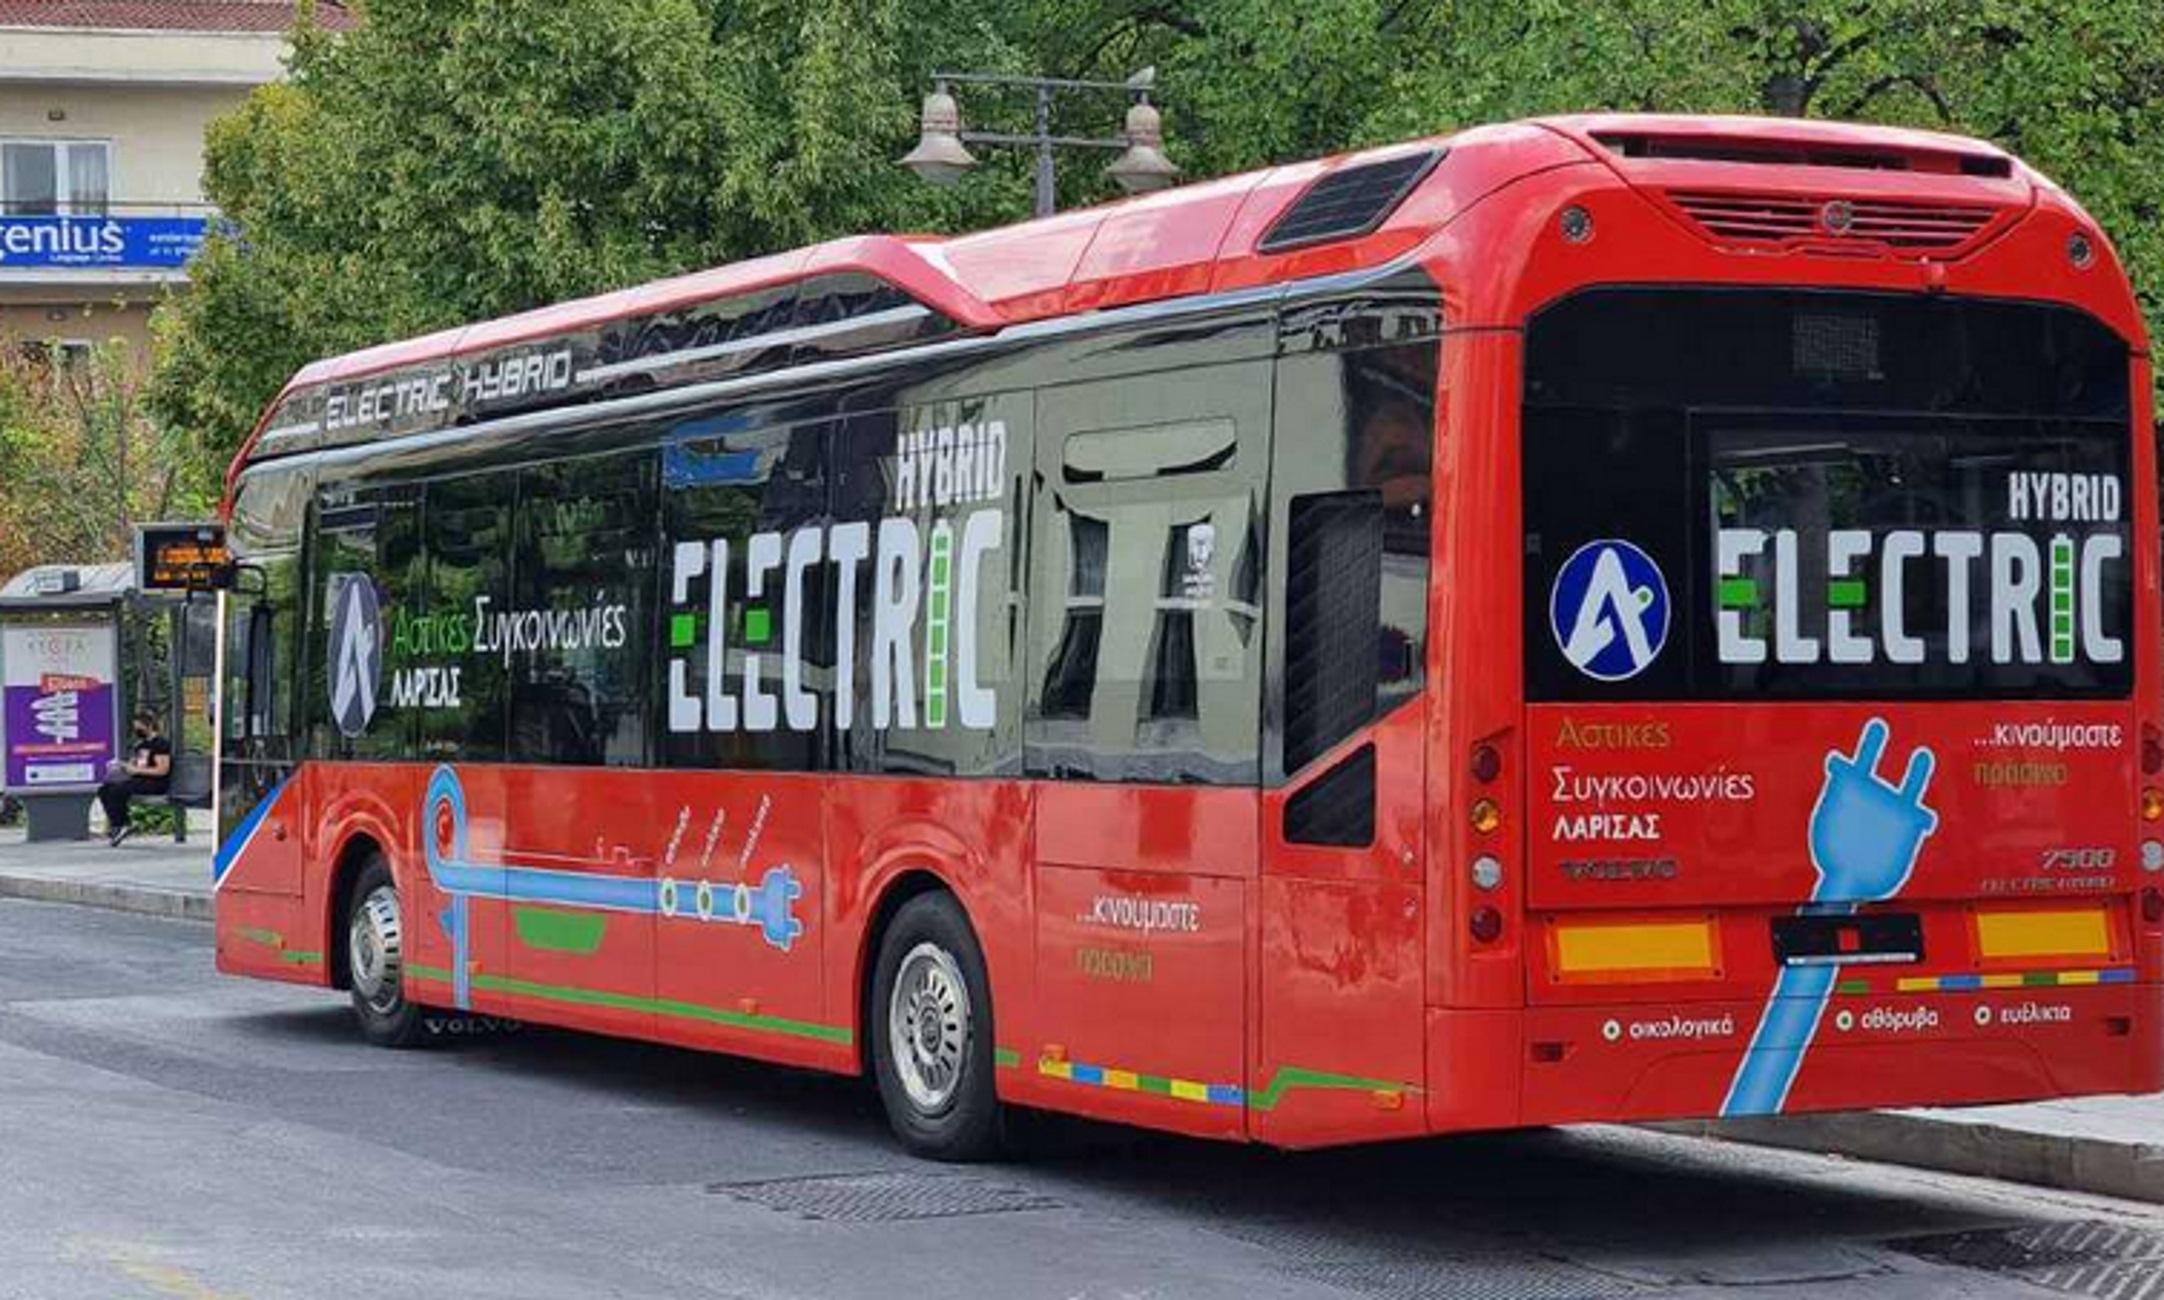 Λάρισα: Αυτό είναι το πρώτο υβριδικό λεωφορείο που έφτασε στη χώρα και βγήκε στους δρόμους της πόλης